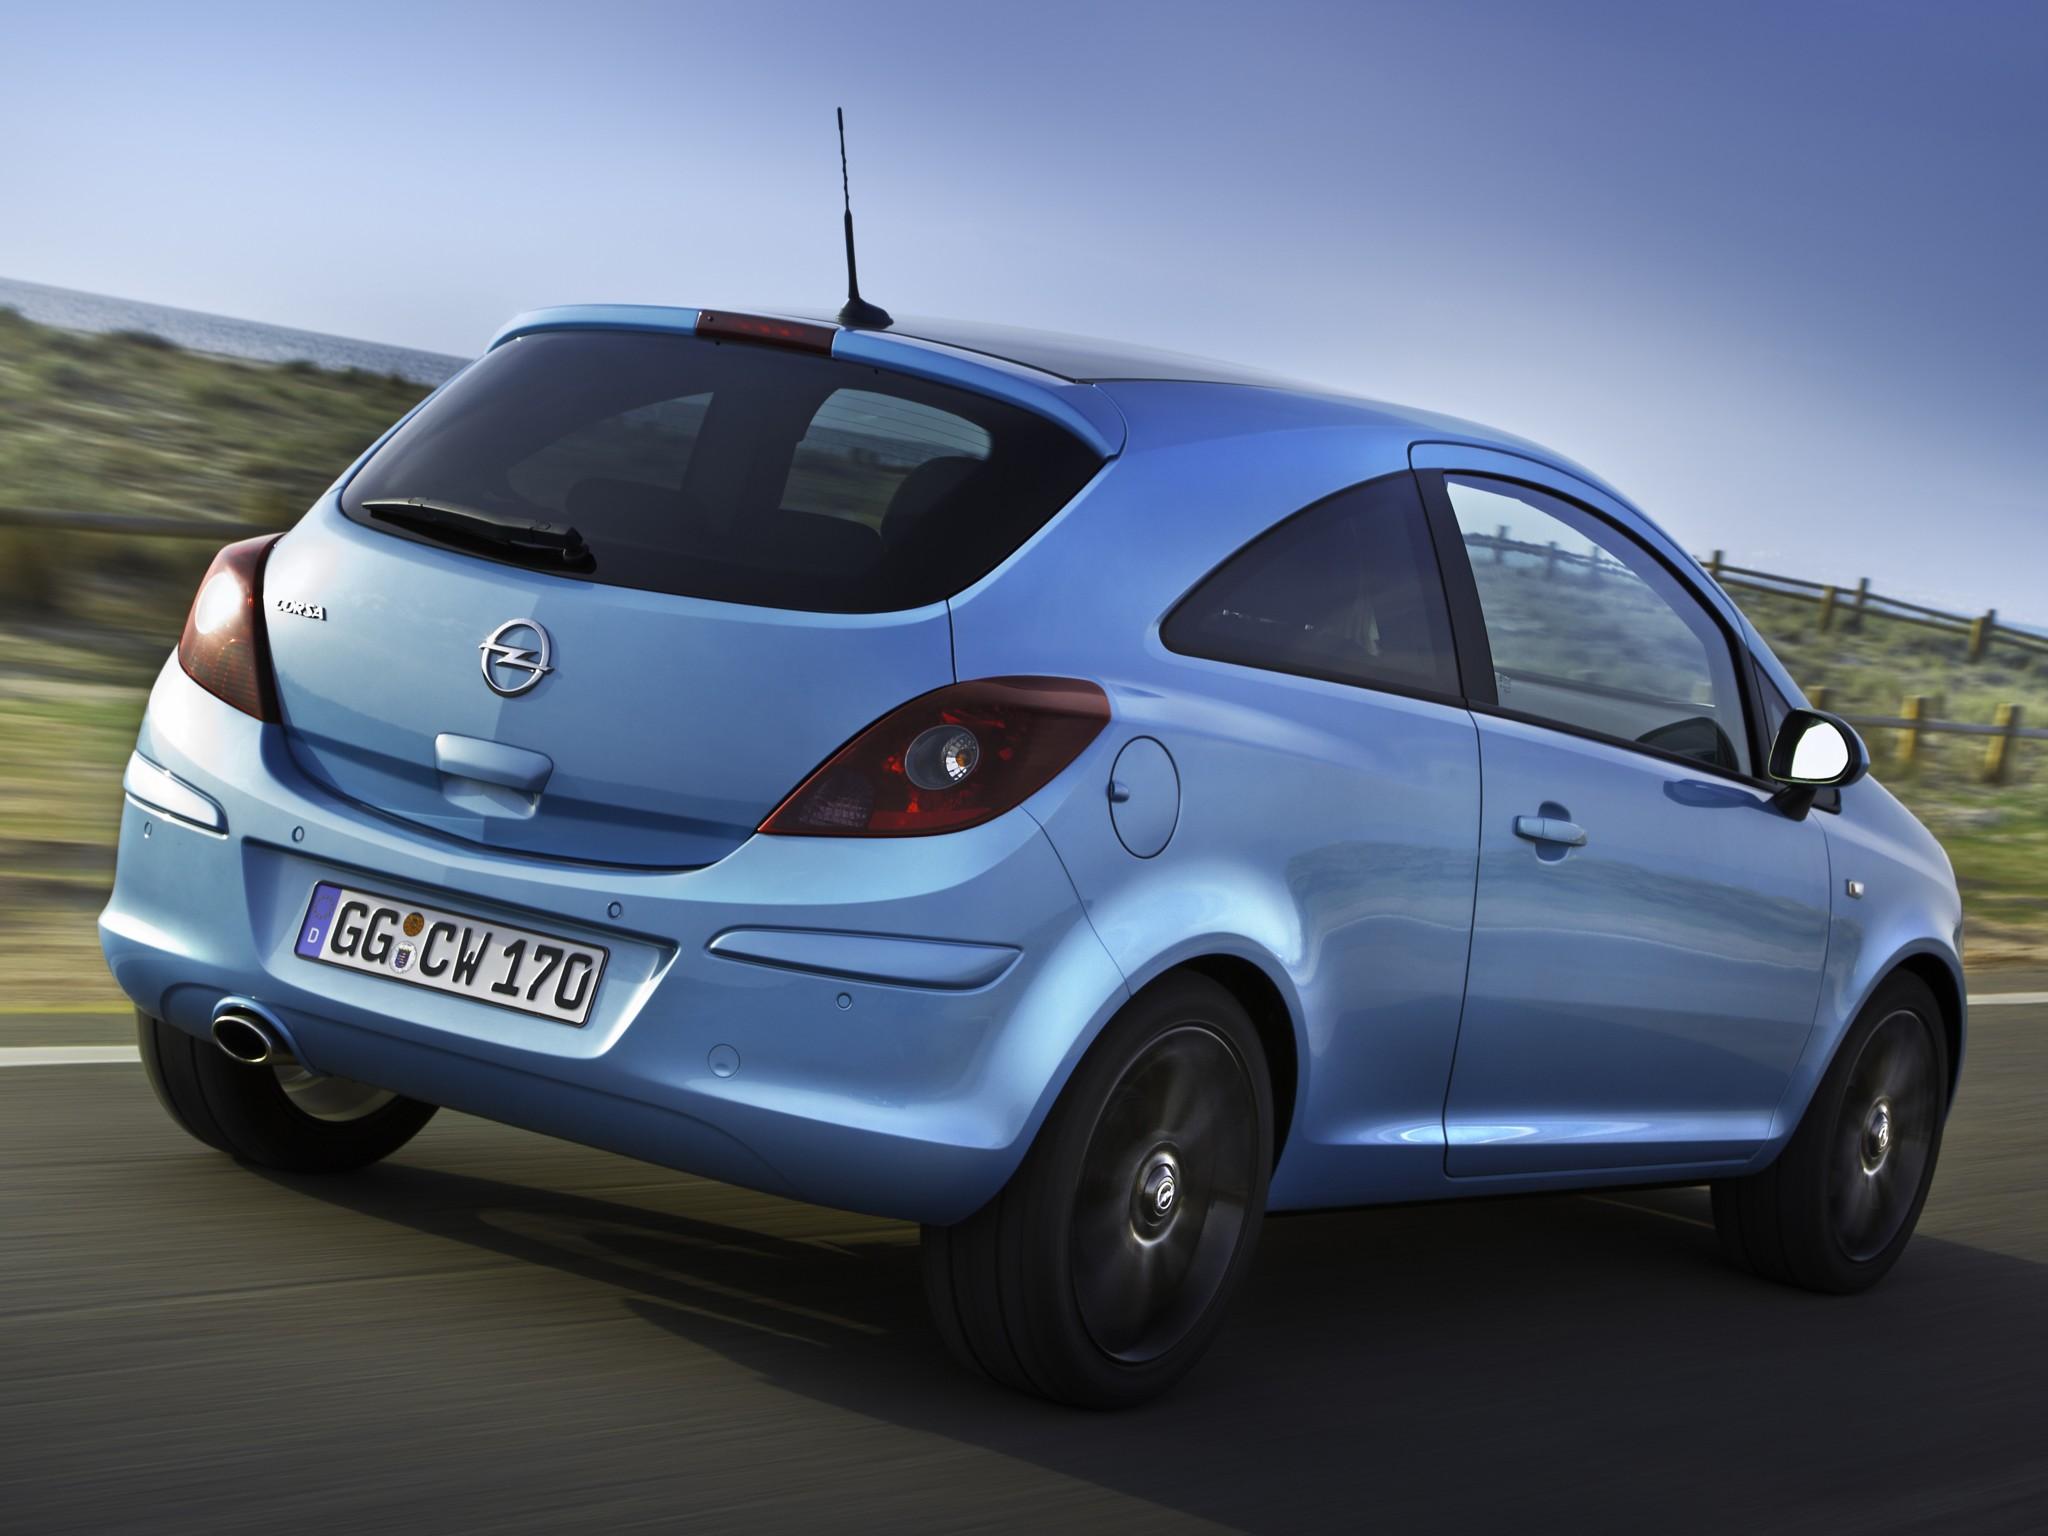 Opel corsa 3 doors 2010 2011 2012 2013 2014 2015 for Opel corsa 2010 interior